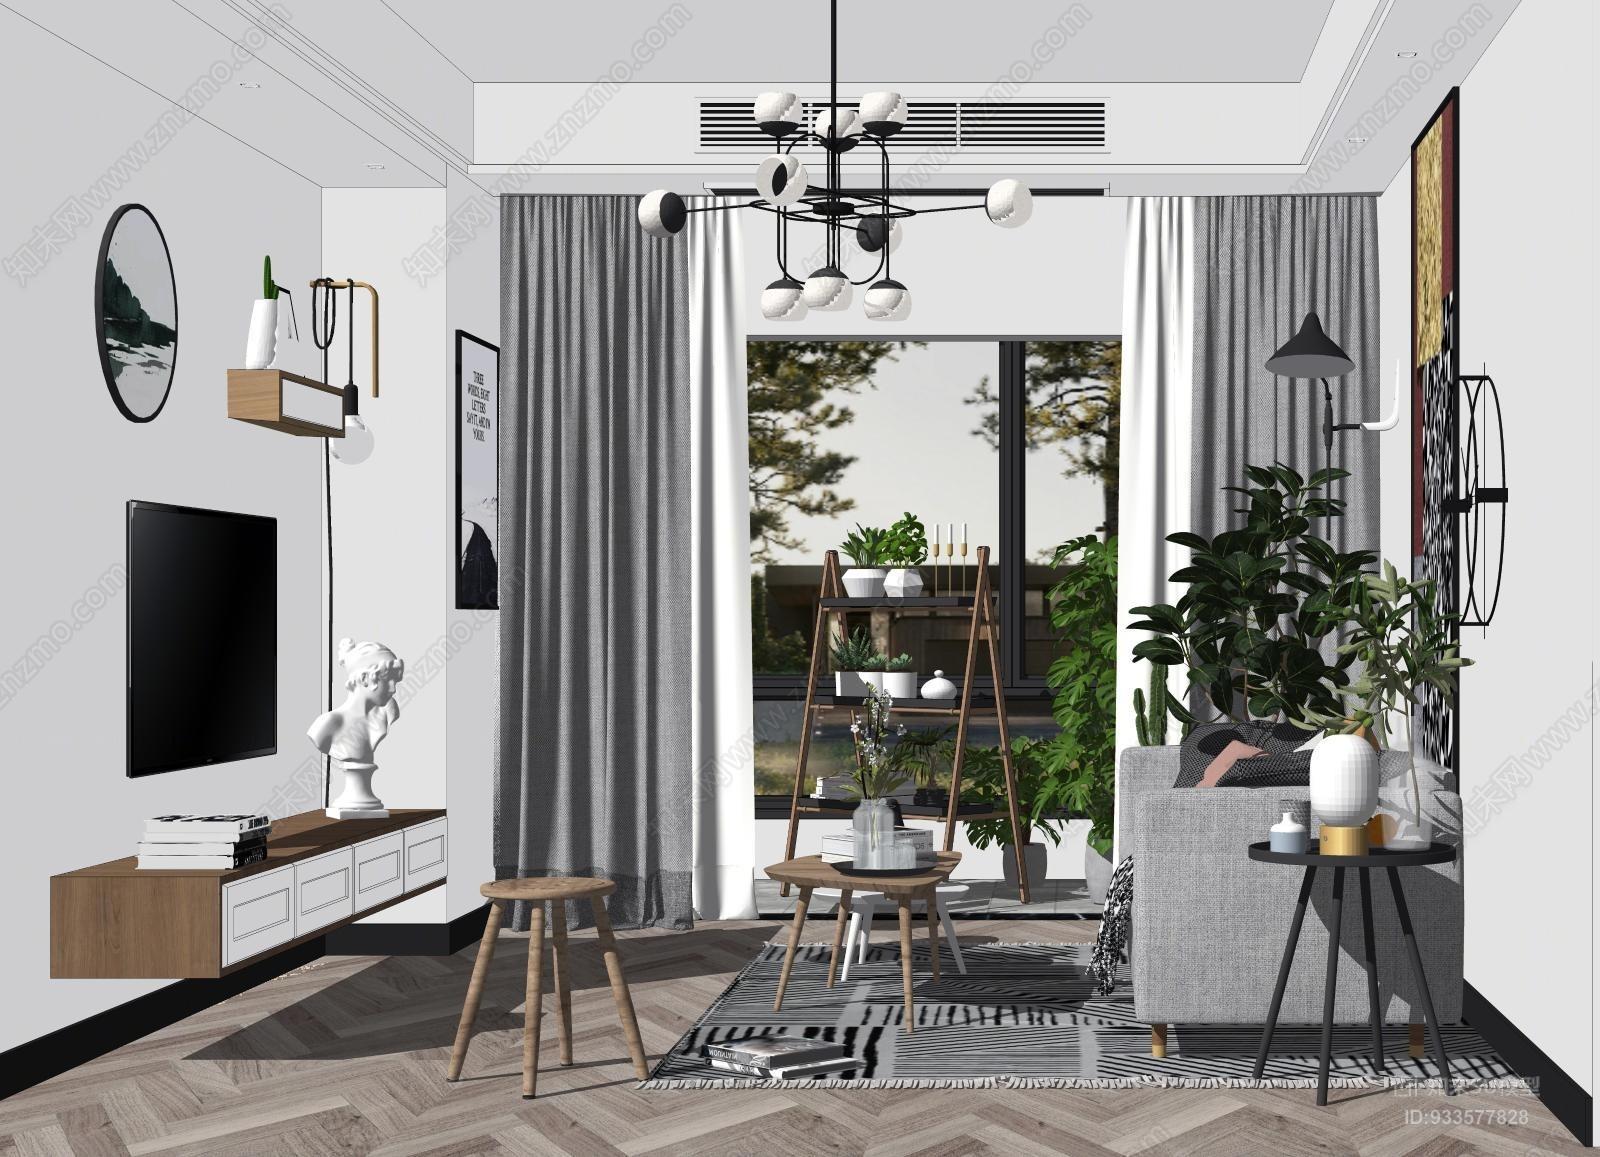 现代北欧客厅沙发置物架吊灯植物SU模型